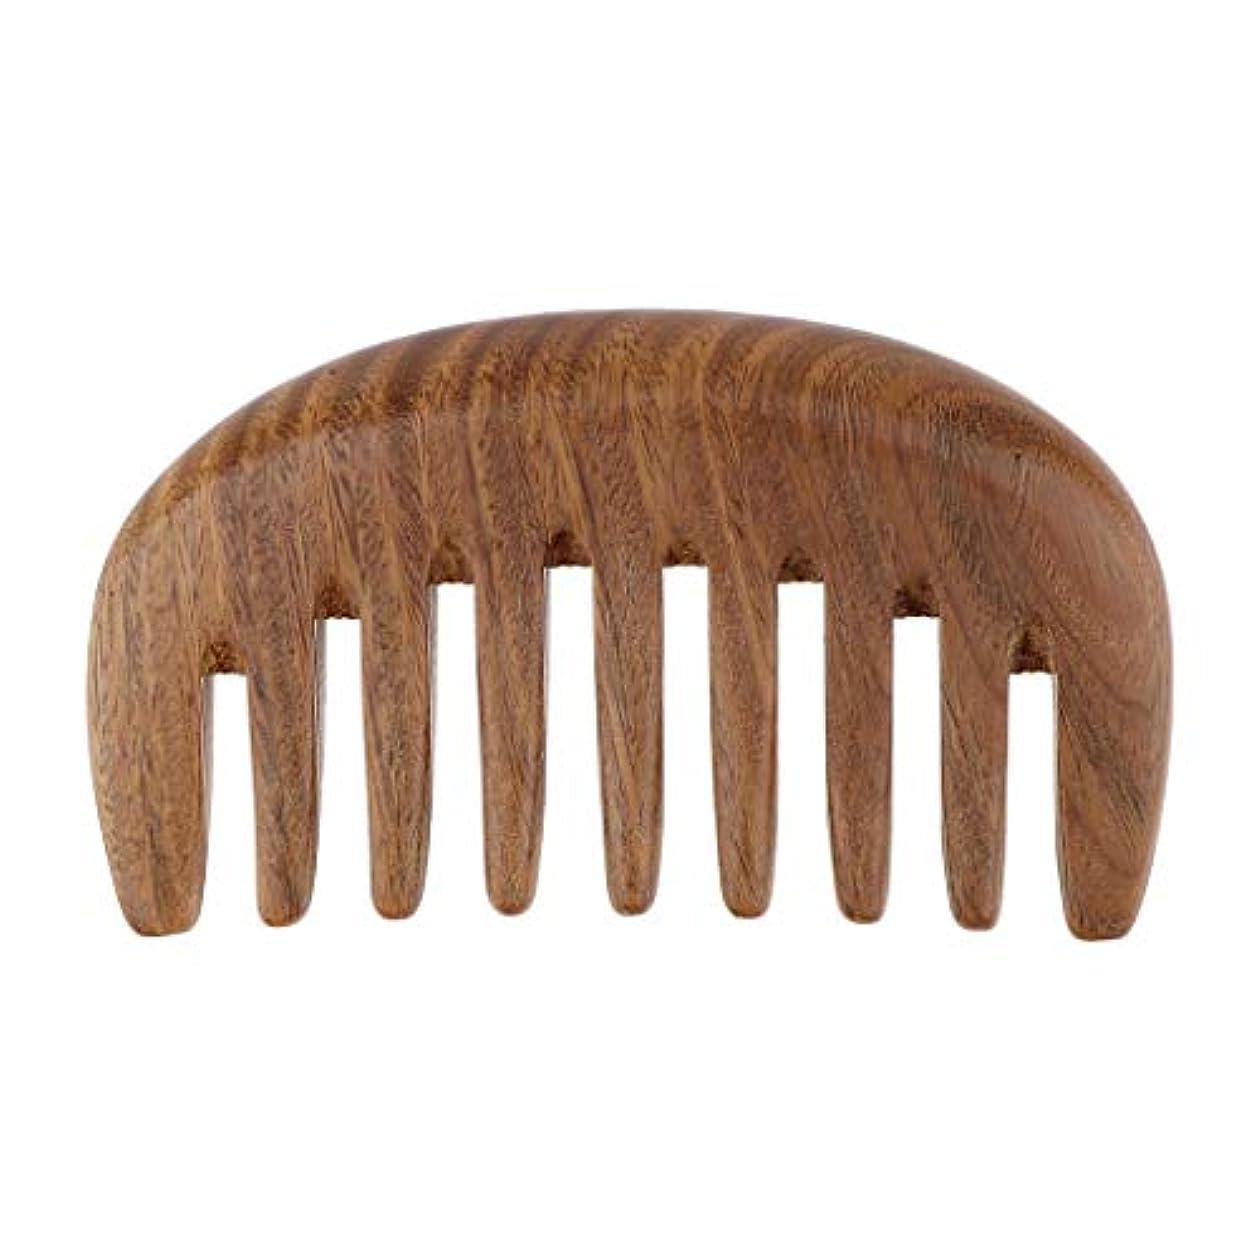 鮮やかな感心する乏しいヘアブラシ 木製 ヘアコーム ウッドコーム 帯電防止櫛 ヘアケア くし 櫛 3色選べ - ベラウッド